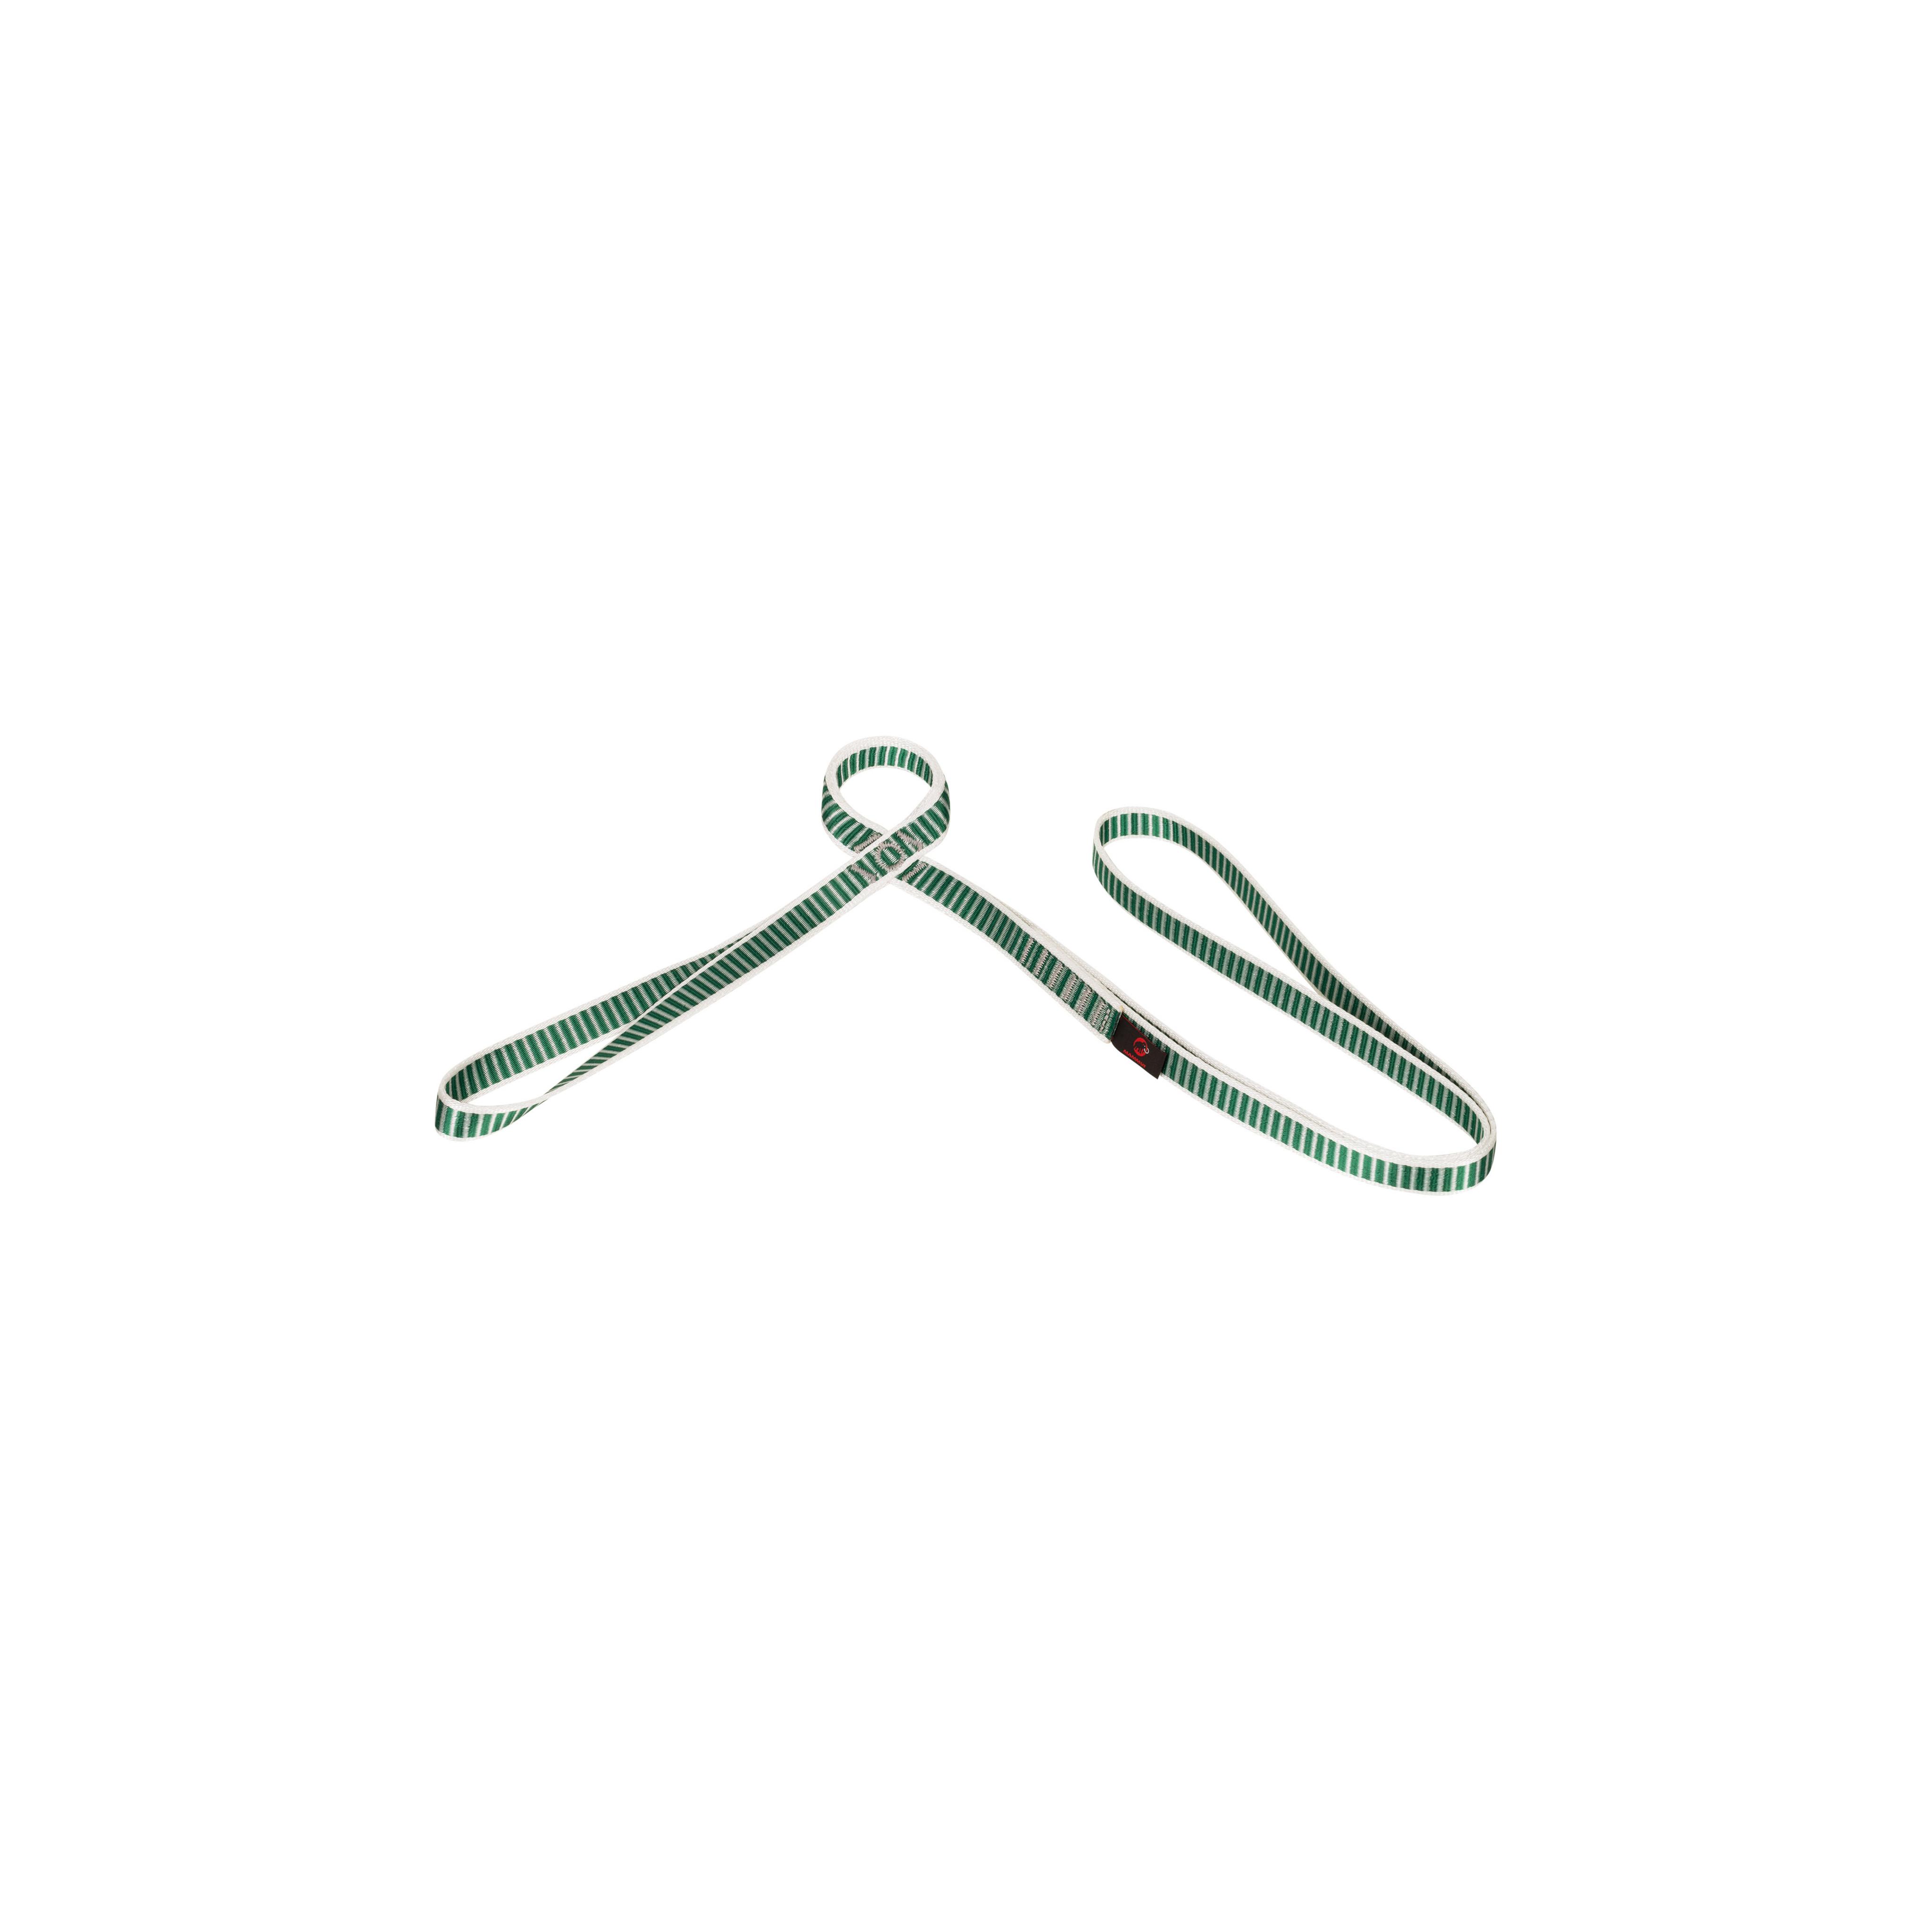 Belay Sling 19.0 - 90 cm, green-white thumbnail